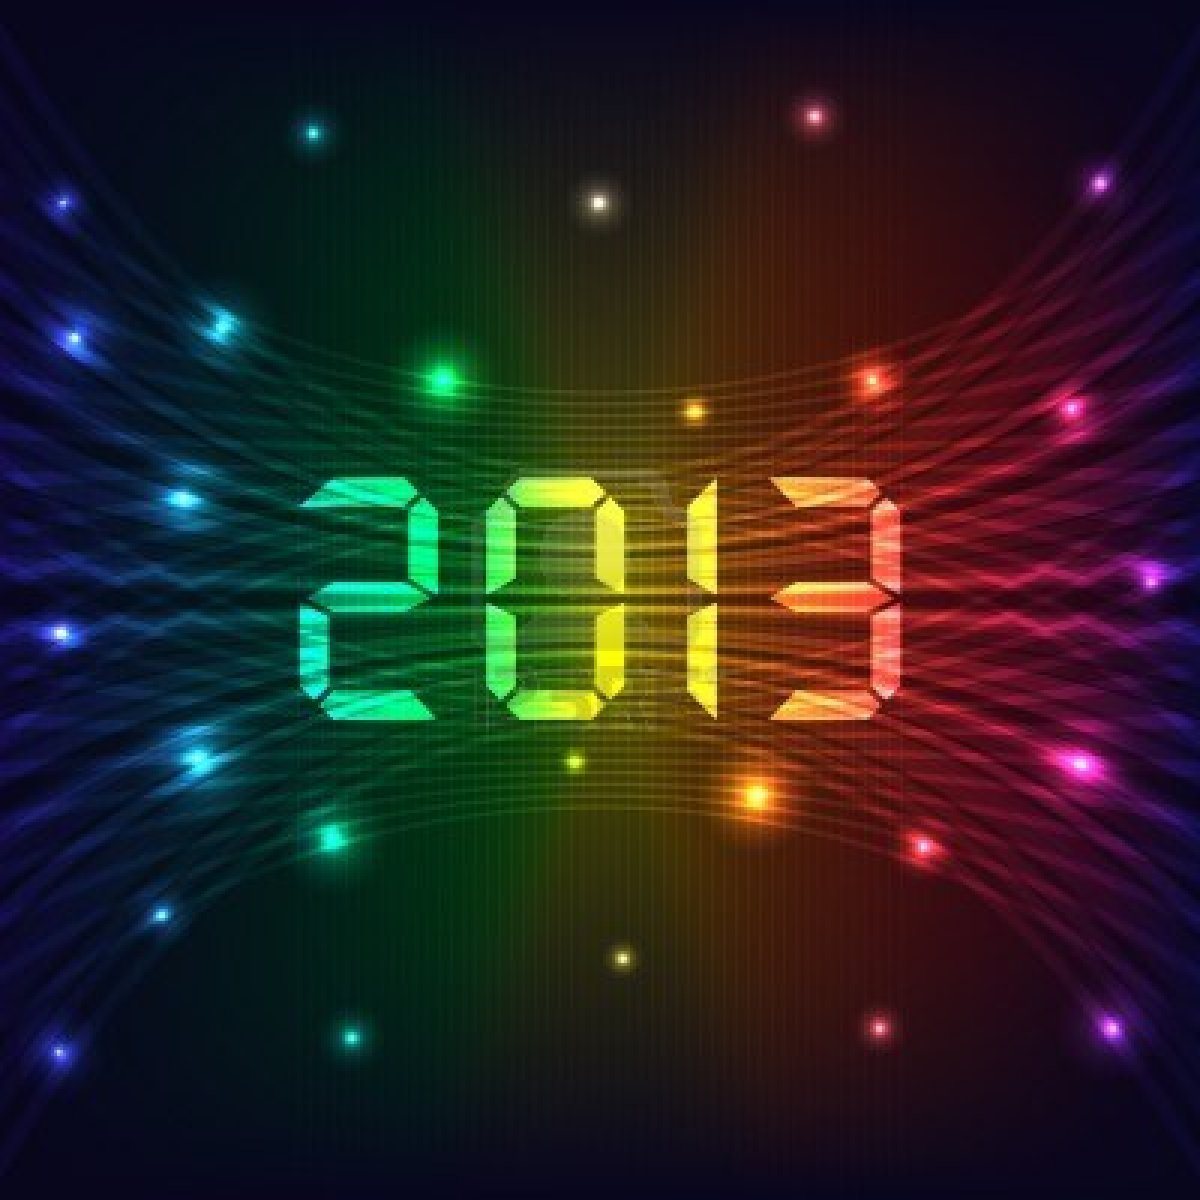 Ваша самая ожидаемая игра 2013? - Изображение 1